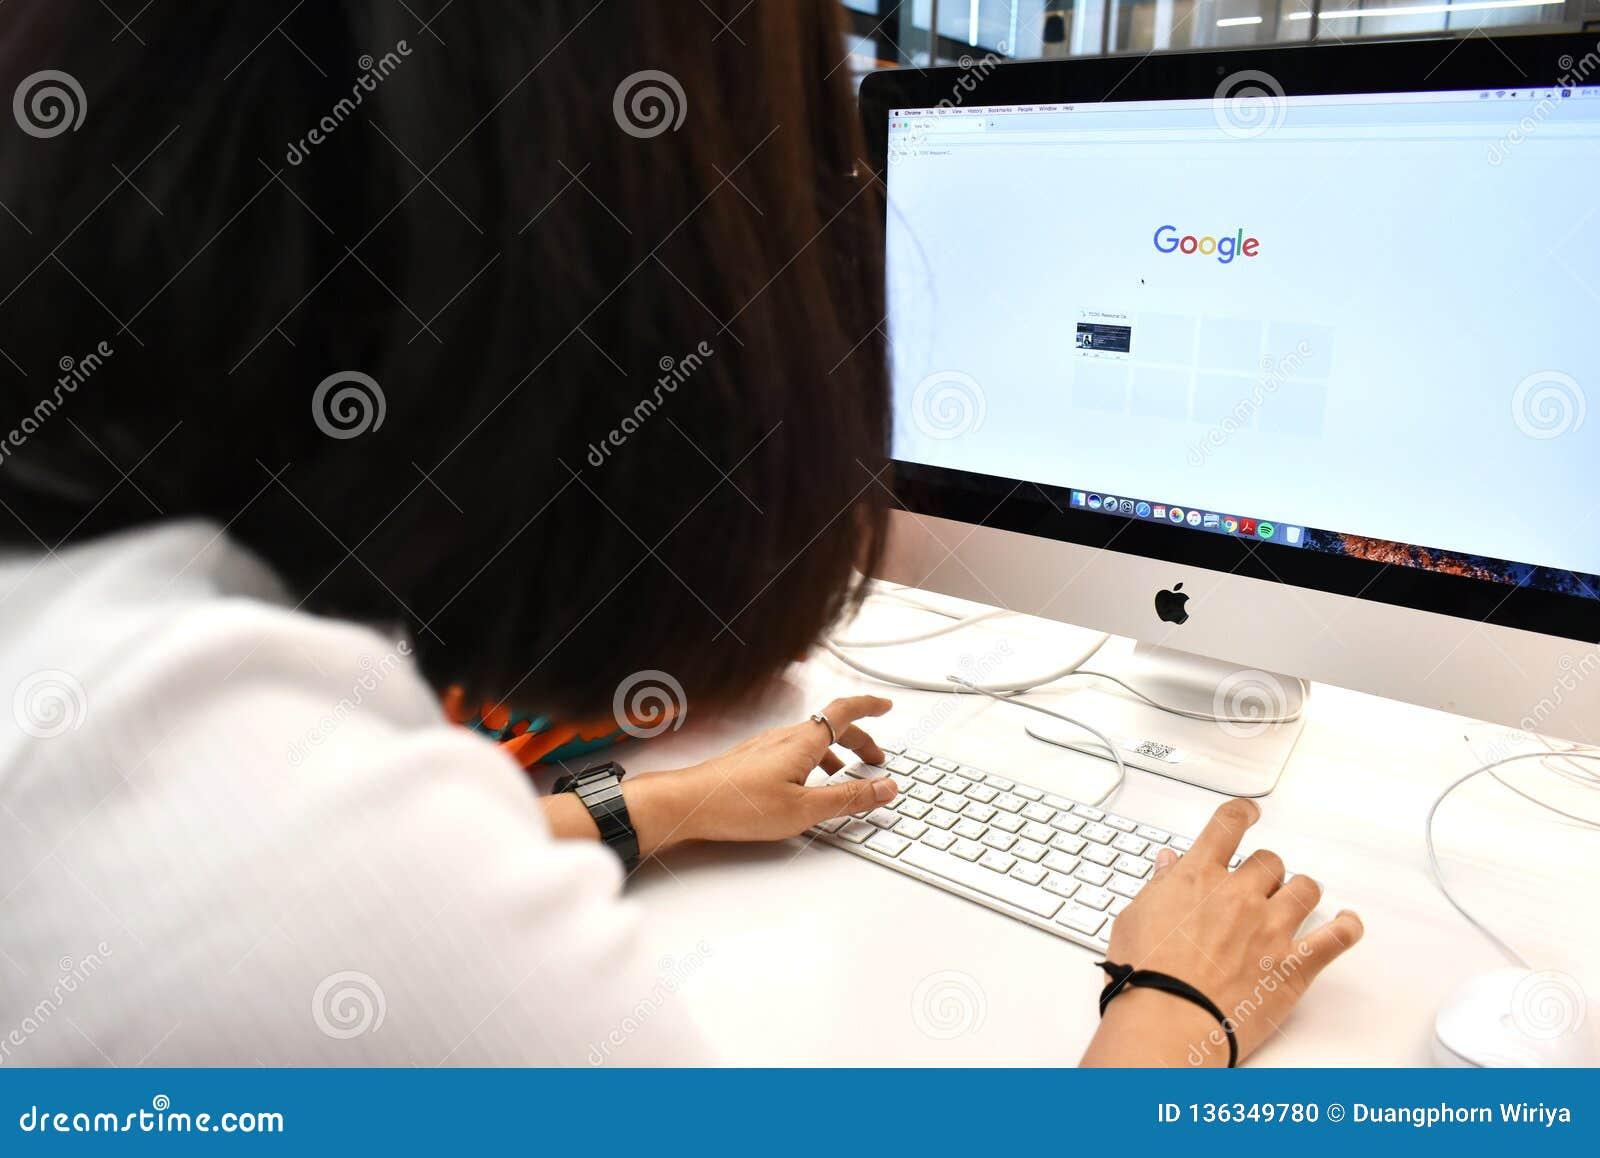 Google-het Zoekenconcept, Gebruiker typt sleutelwoord in Google-onderzoeksbar op computerbrowser